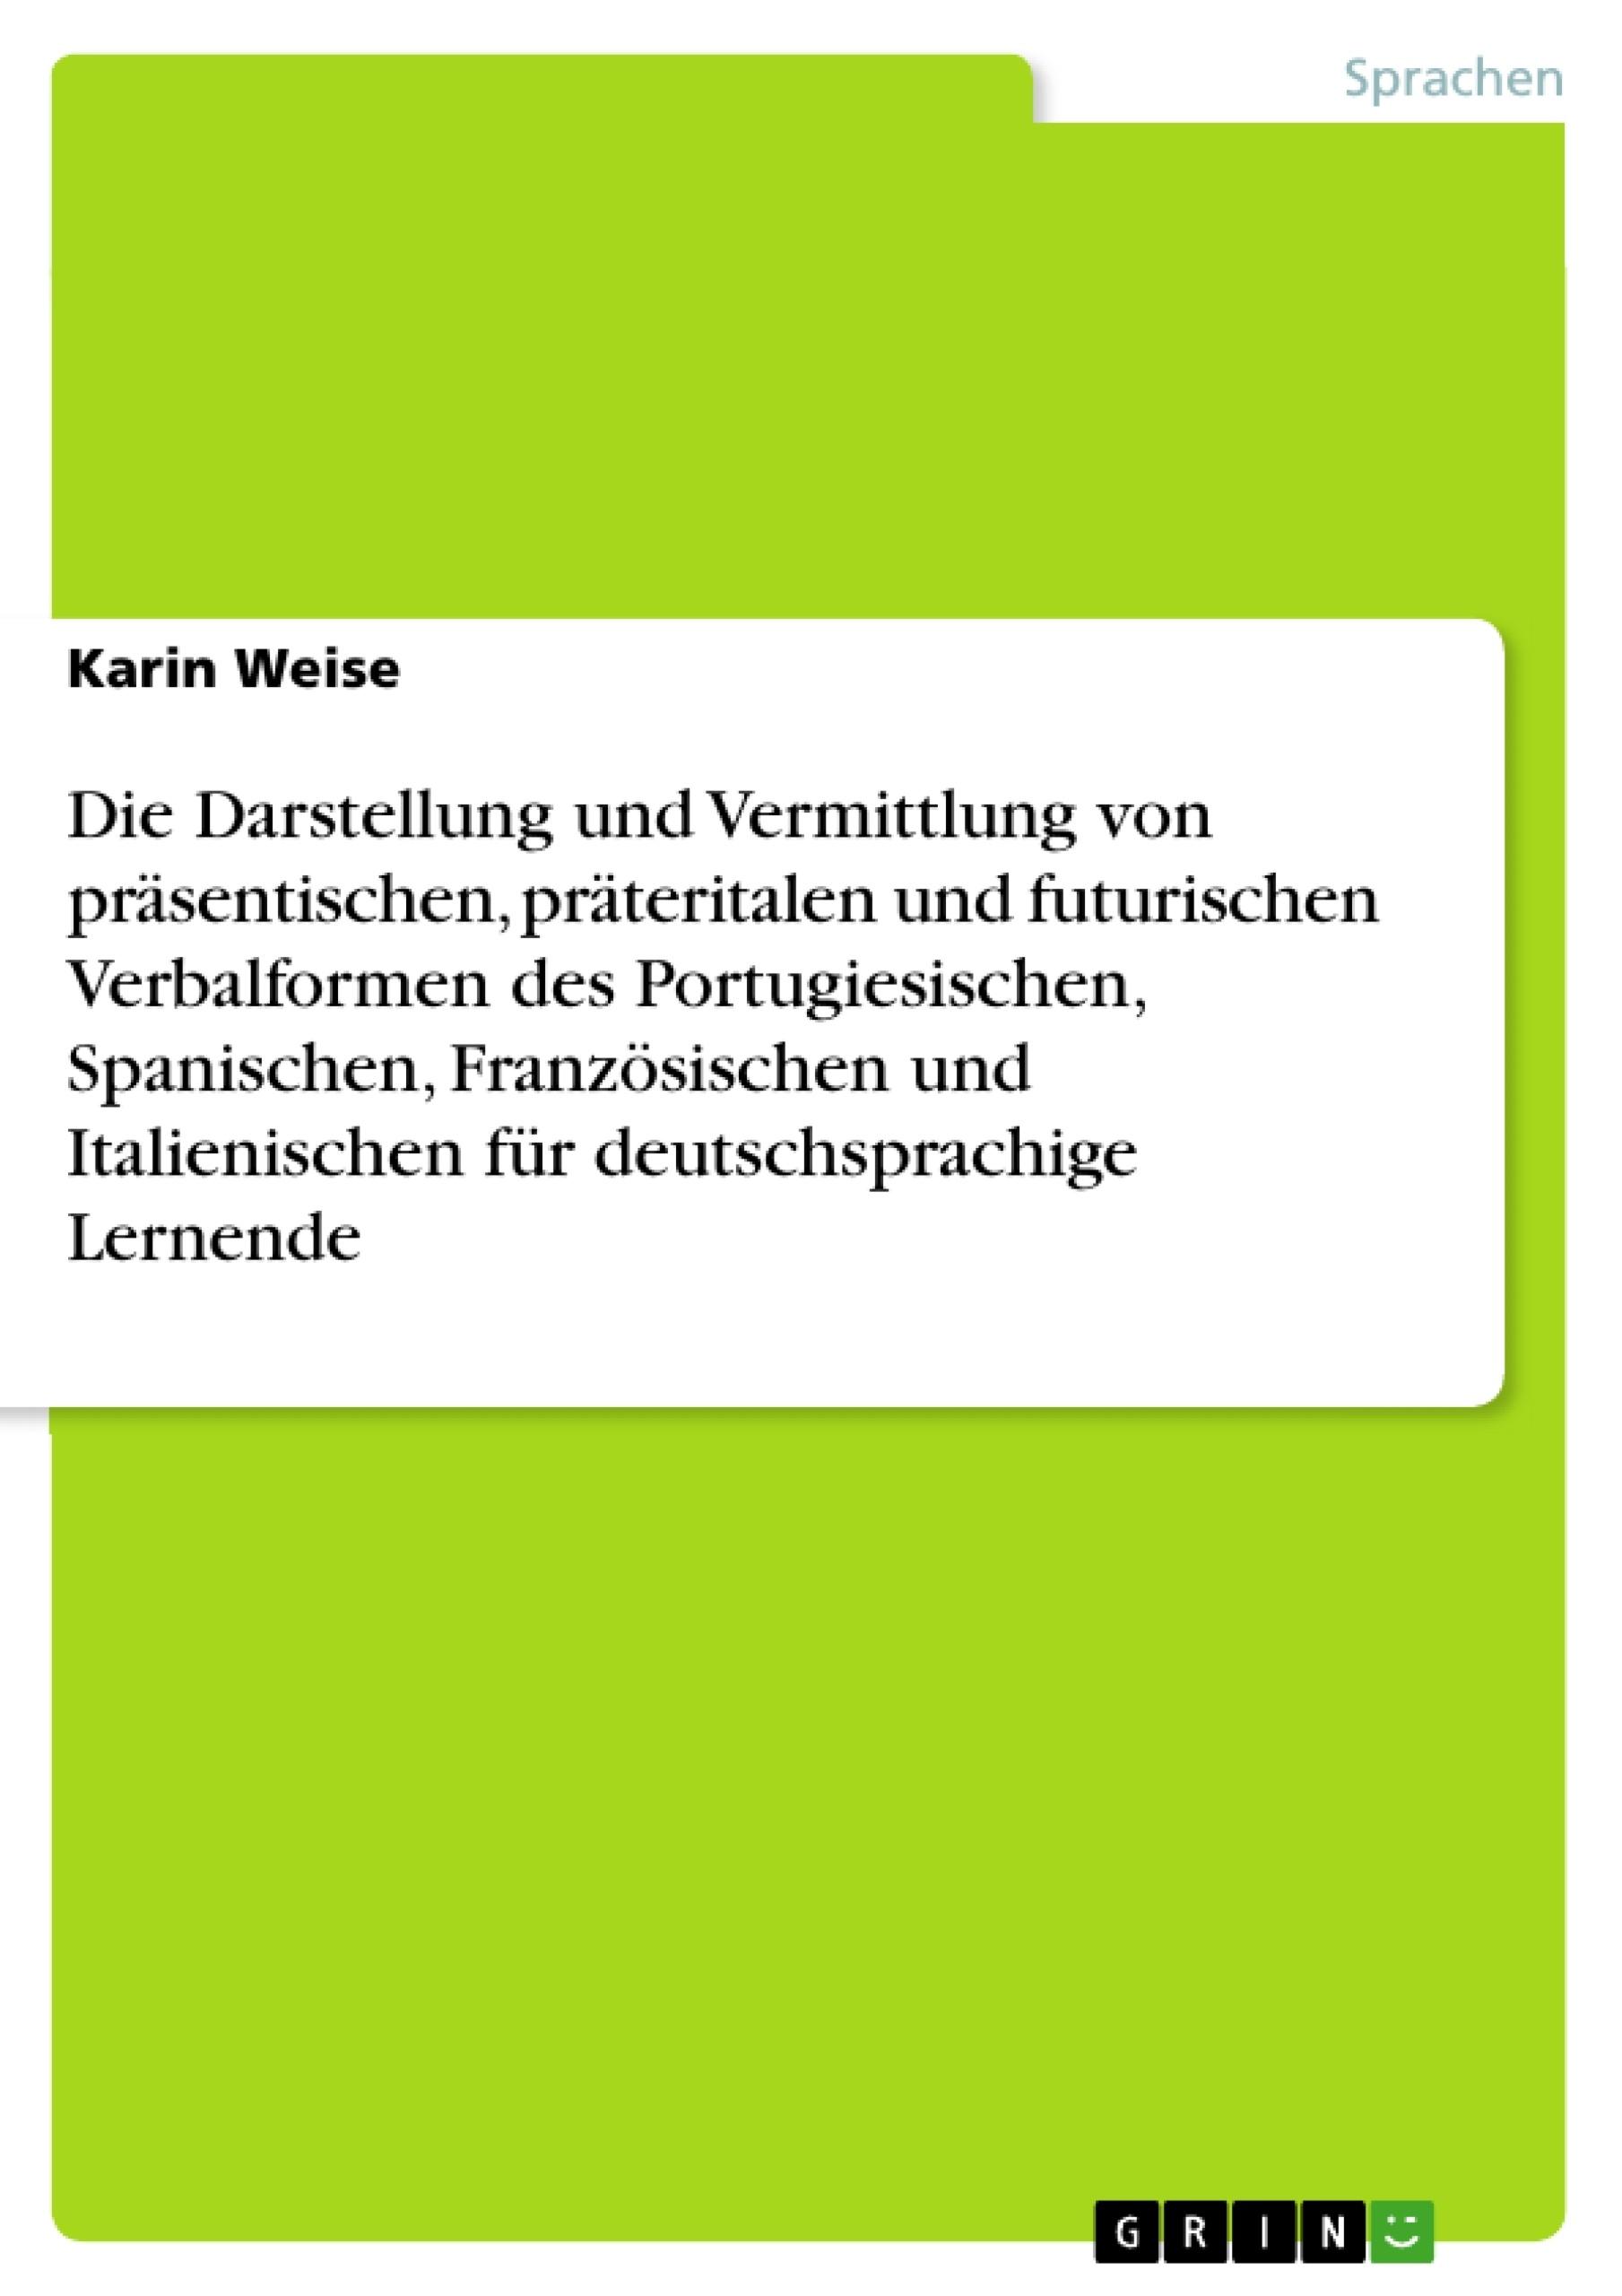 Titel: Die Darstellung und Vermittlung von präsentischen, präteritalen und futurischen Verbalformen des Portugiesischen, Spanischen, Französischen und Italienischen für deutschsprachige Lernende